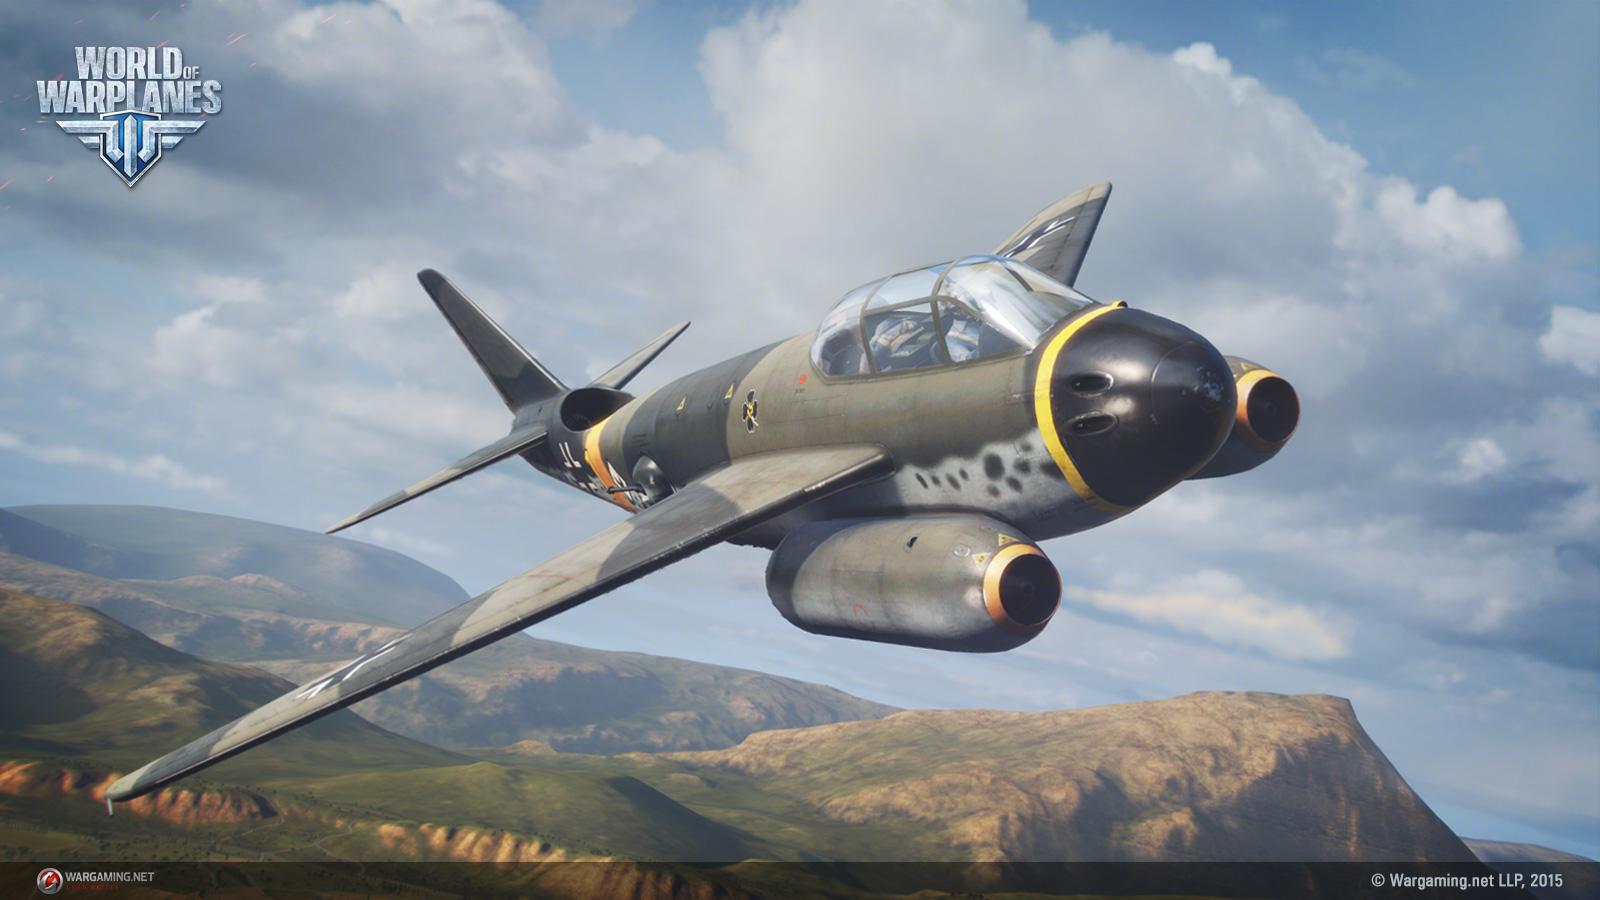 Wargaming Detailed Latest World Of Warplanes Update